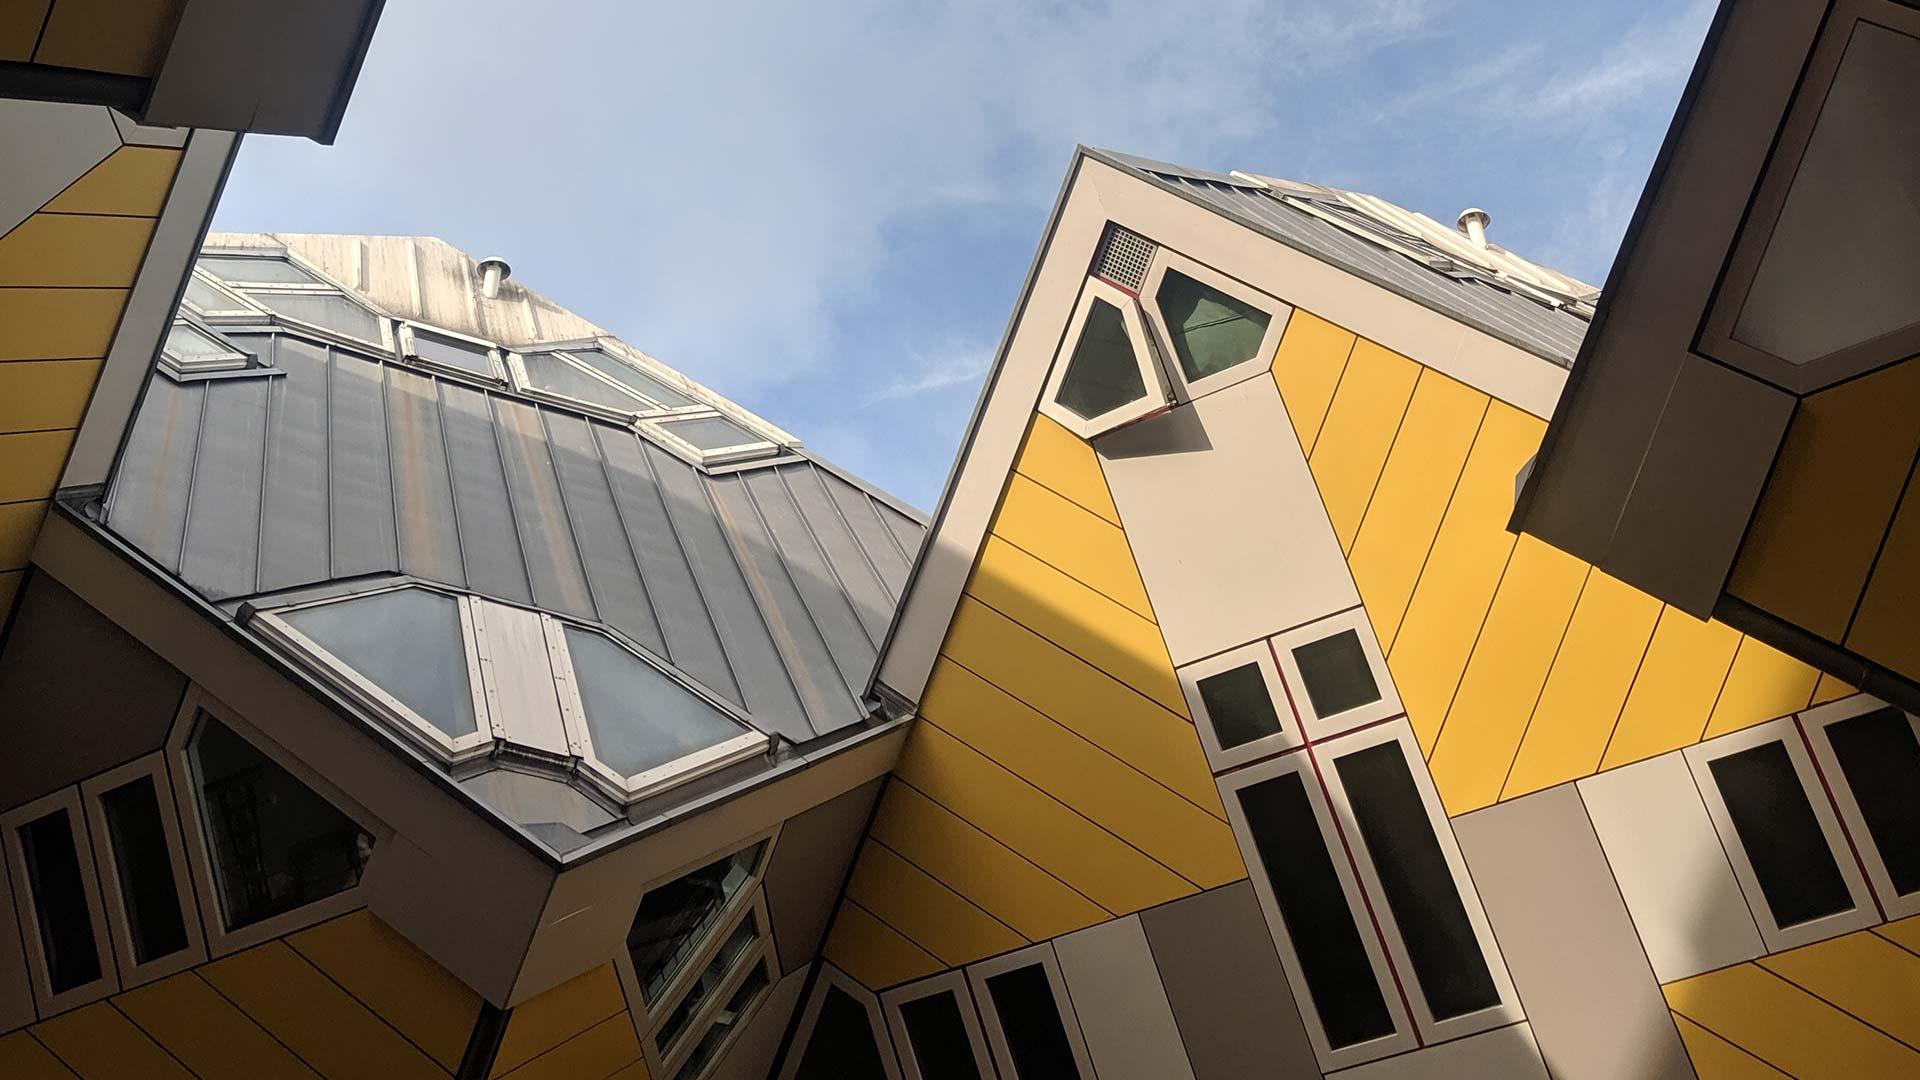 Kubuswoningen Cube Houses Rotterdam Architecture